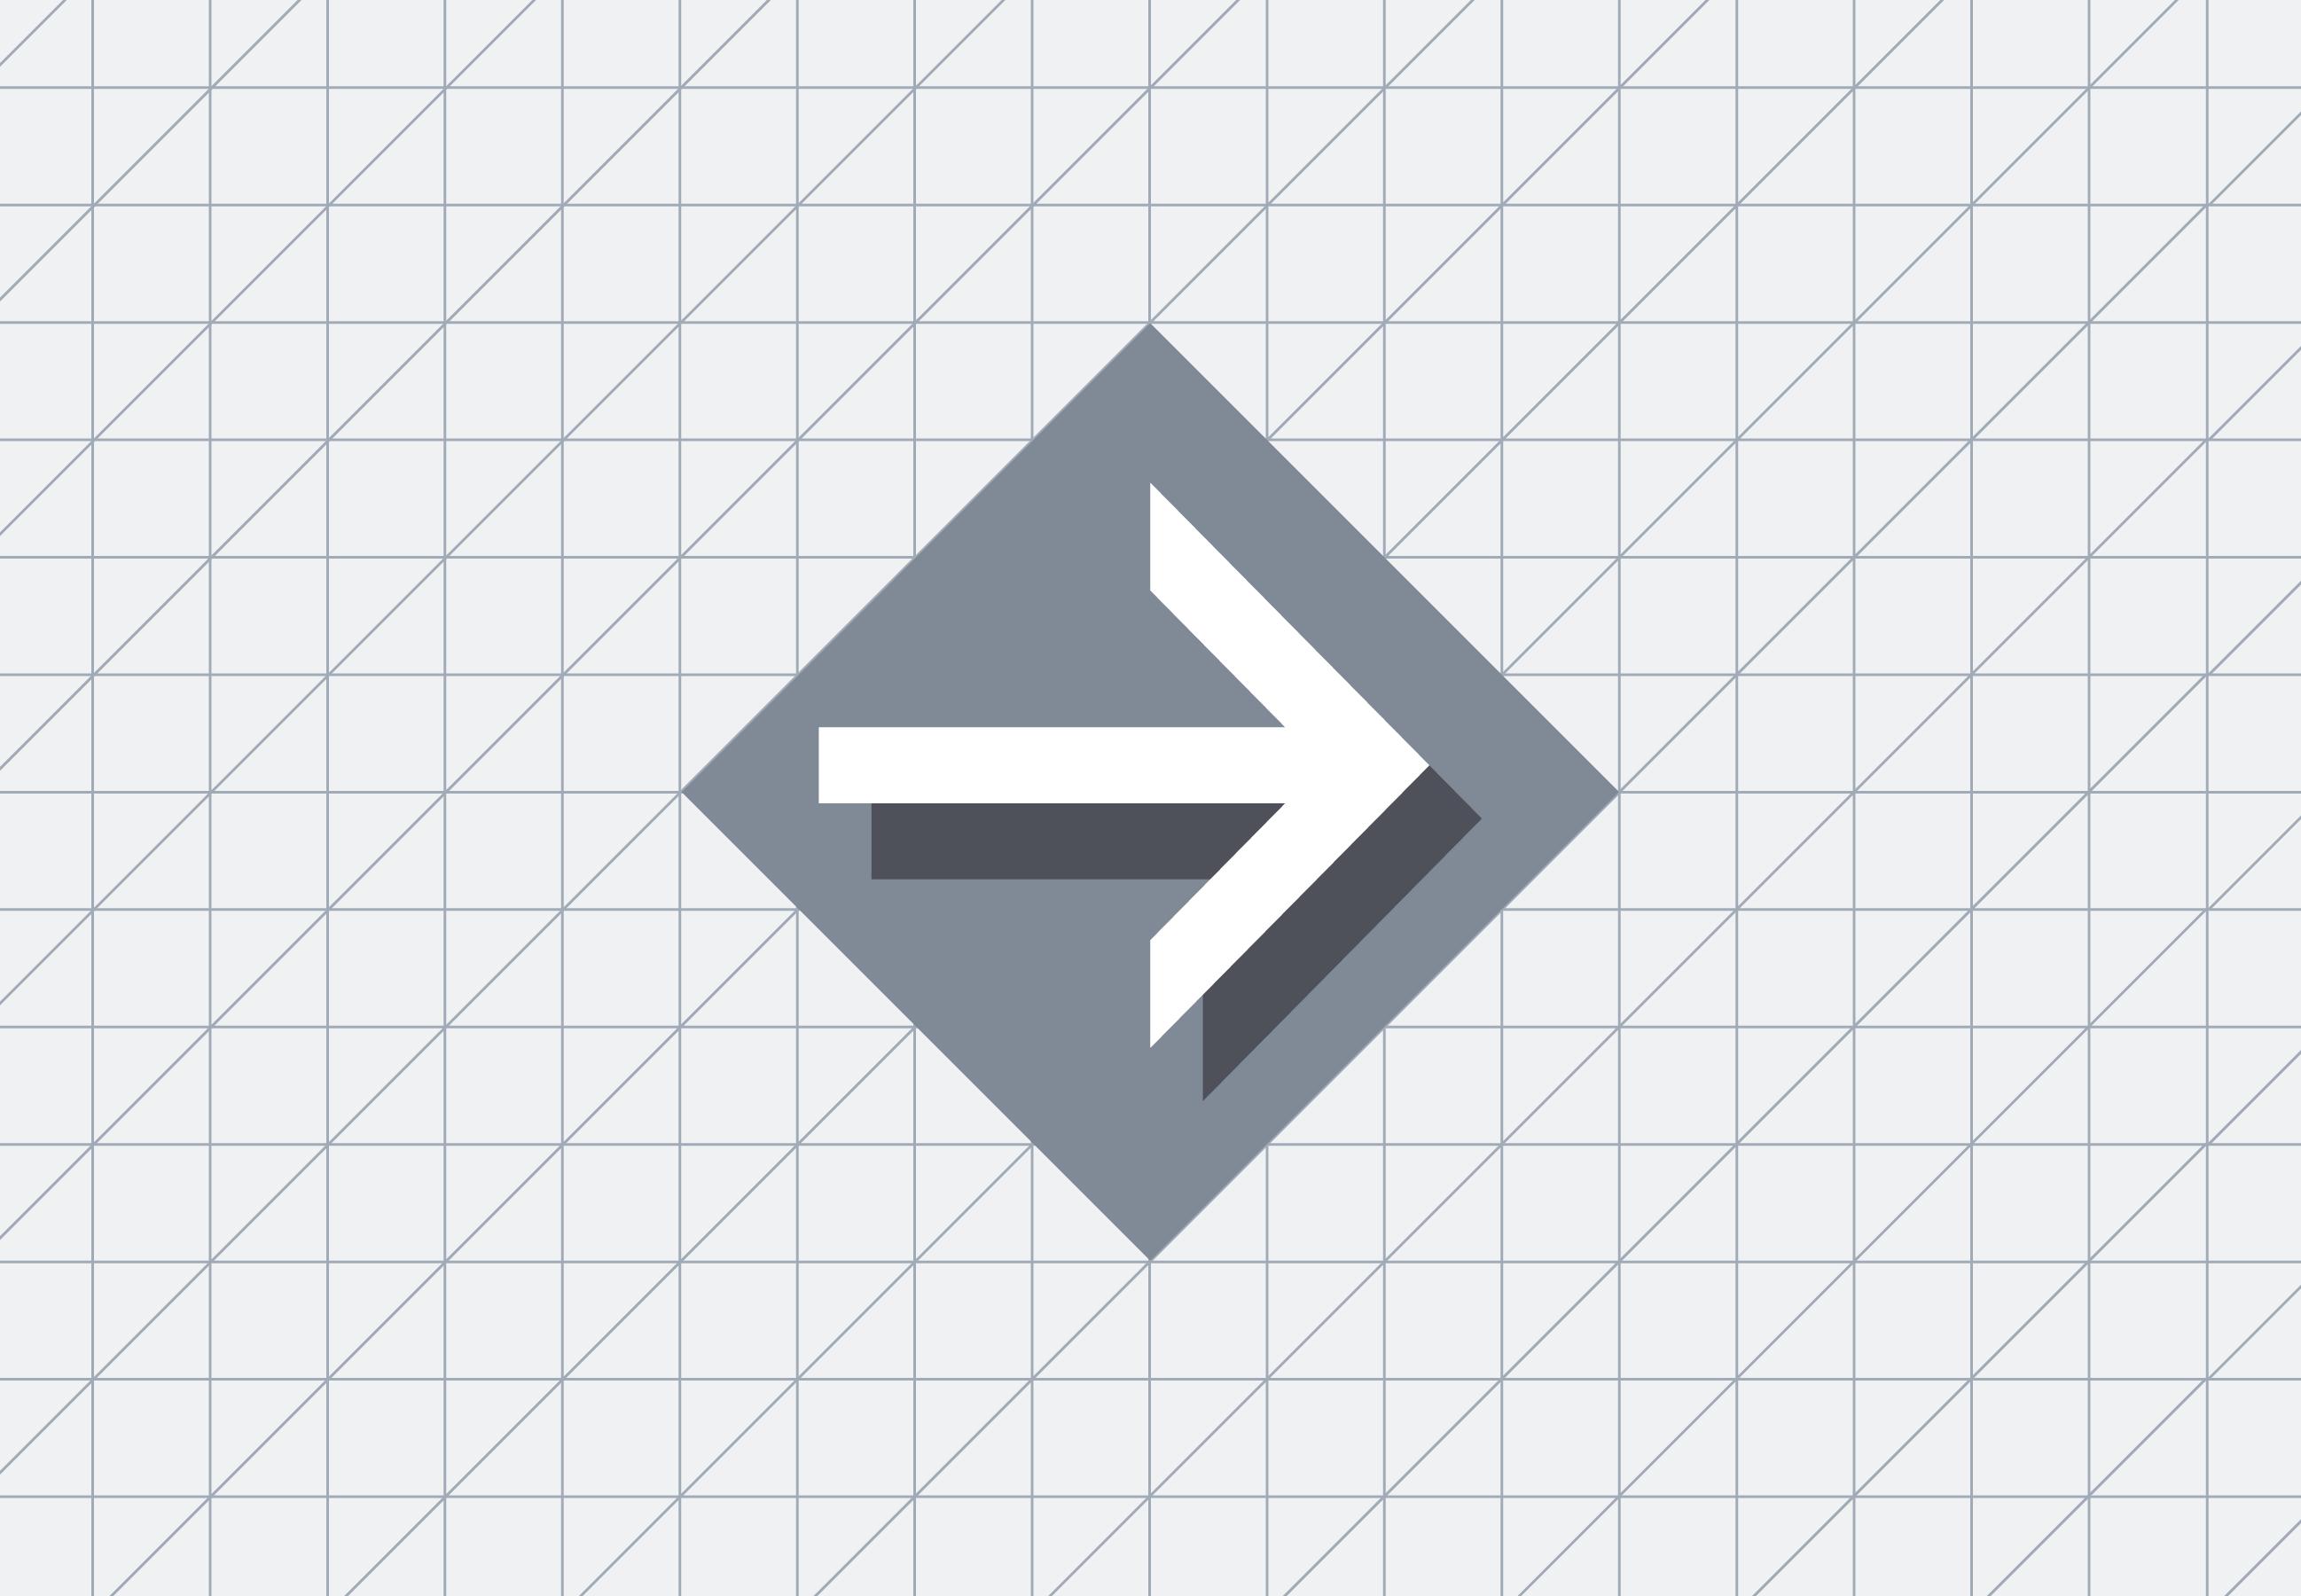 mankato logo grayscale